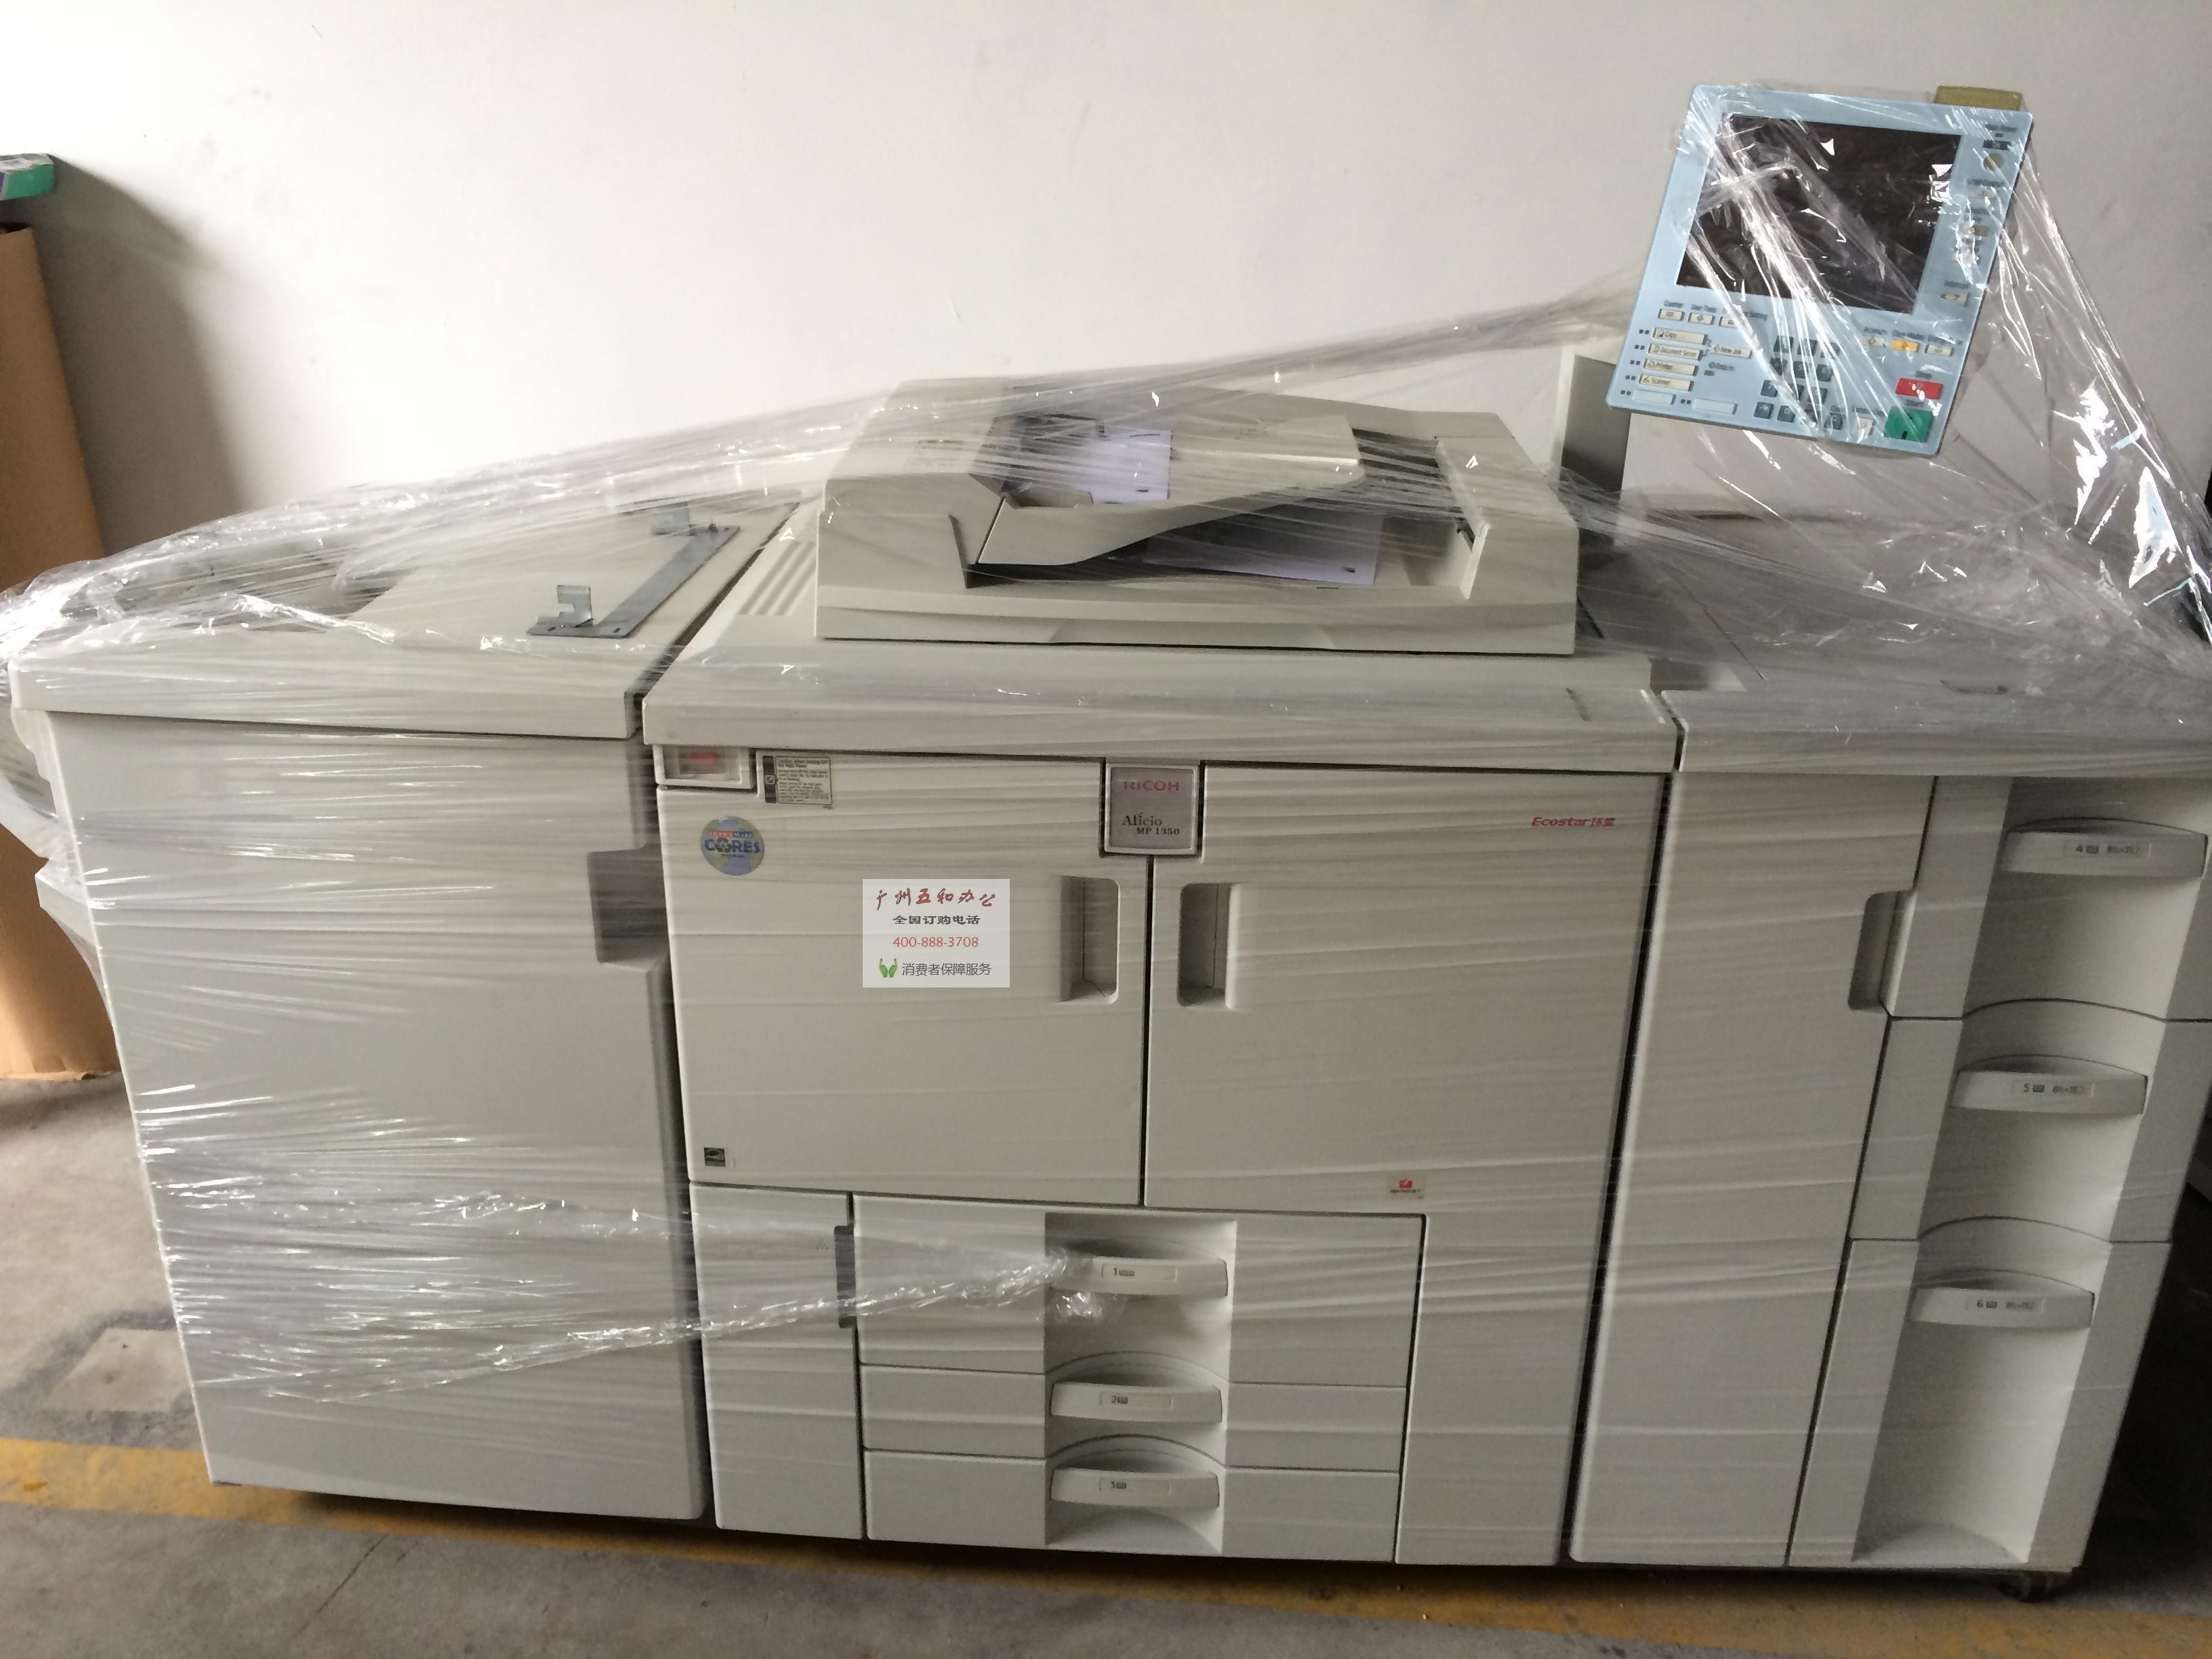 高速复印机 1100 9001 9000 8001 8000 7001 2075 MP7500 理光